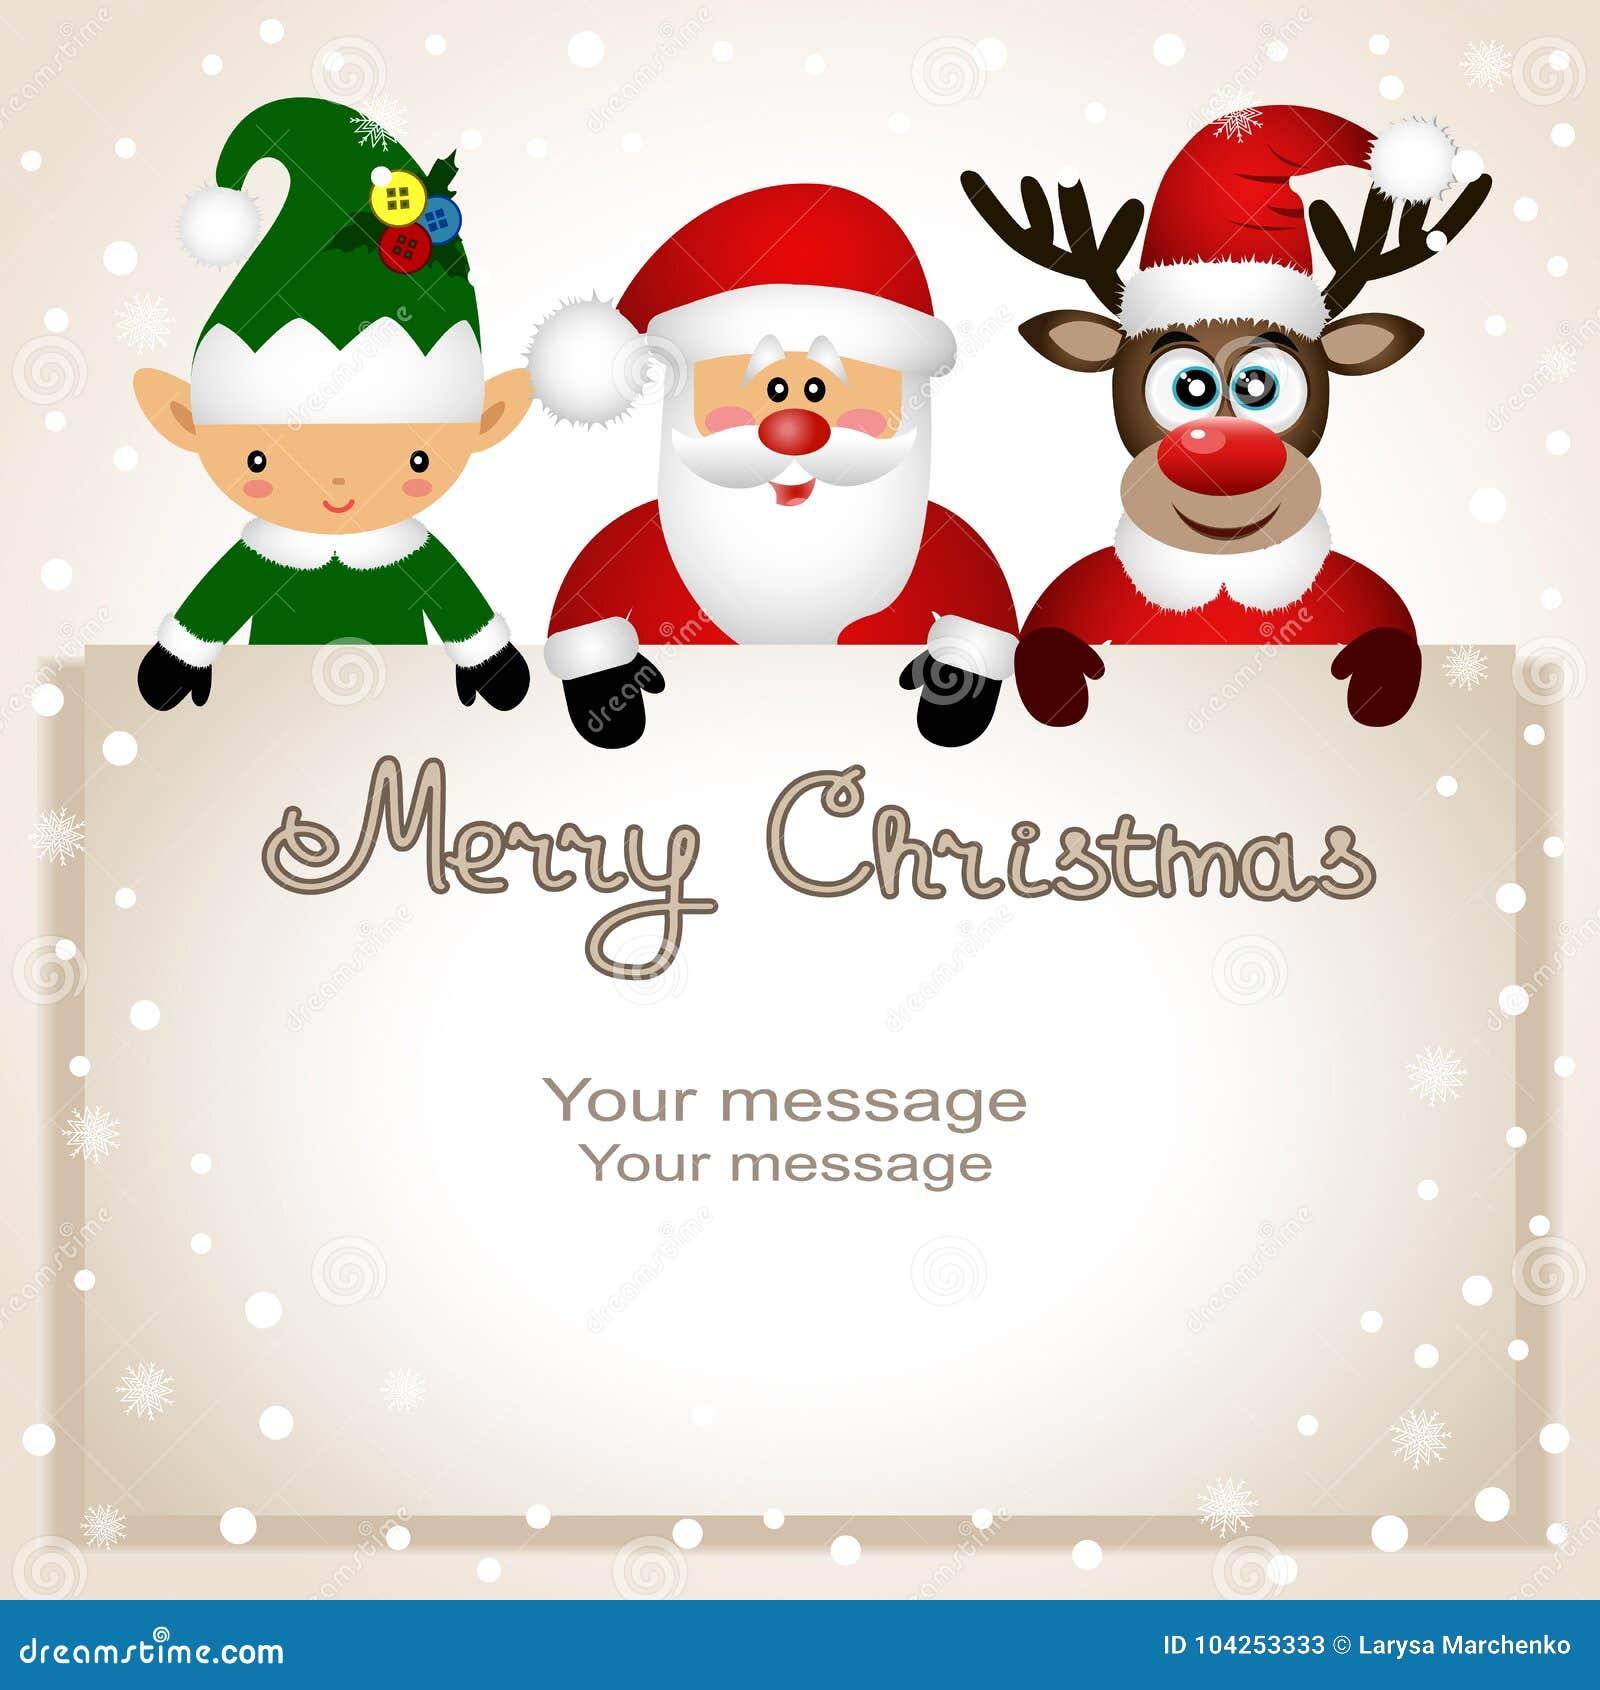 Funny Postcard With Christmas Elf Christmas Reindeer And Santa